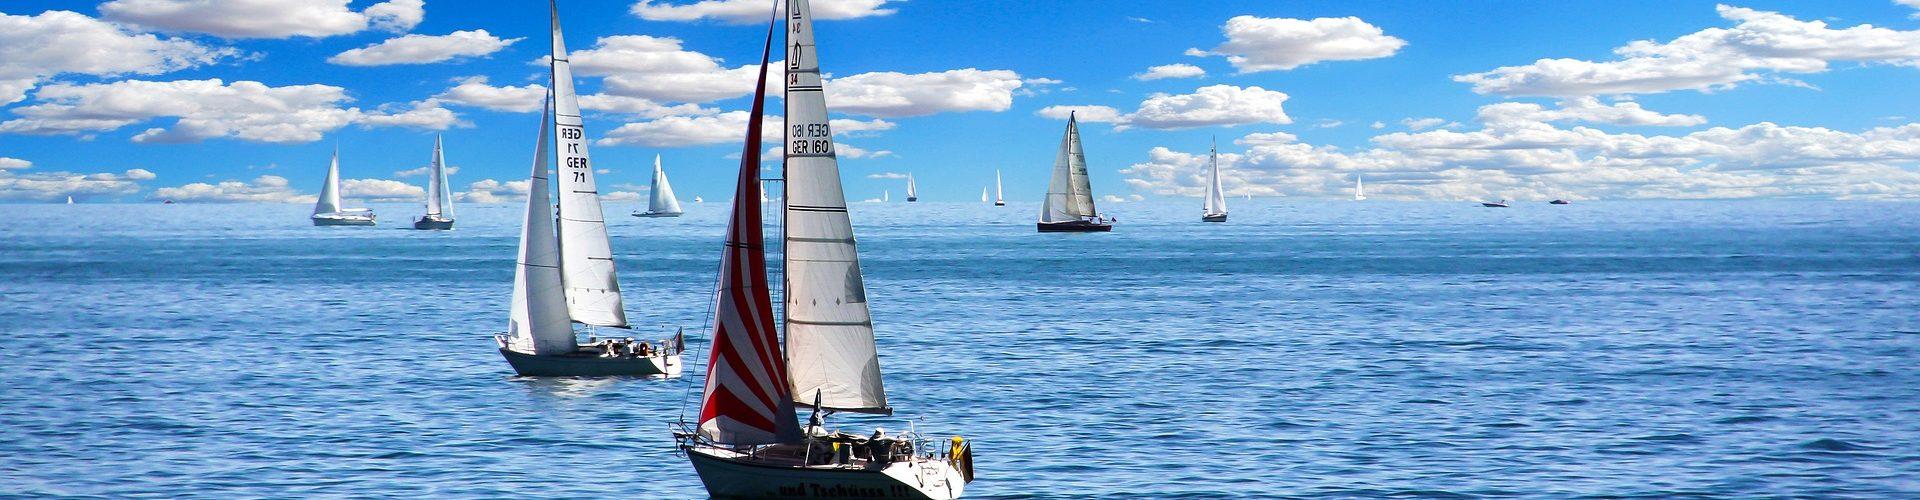 segeln lernen in Volkach segelschein machen in Volkach 1920x500 - Segeln lernen in Volkach